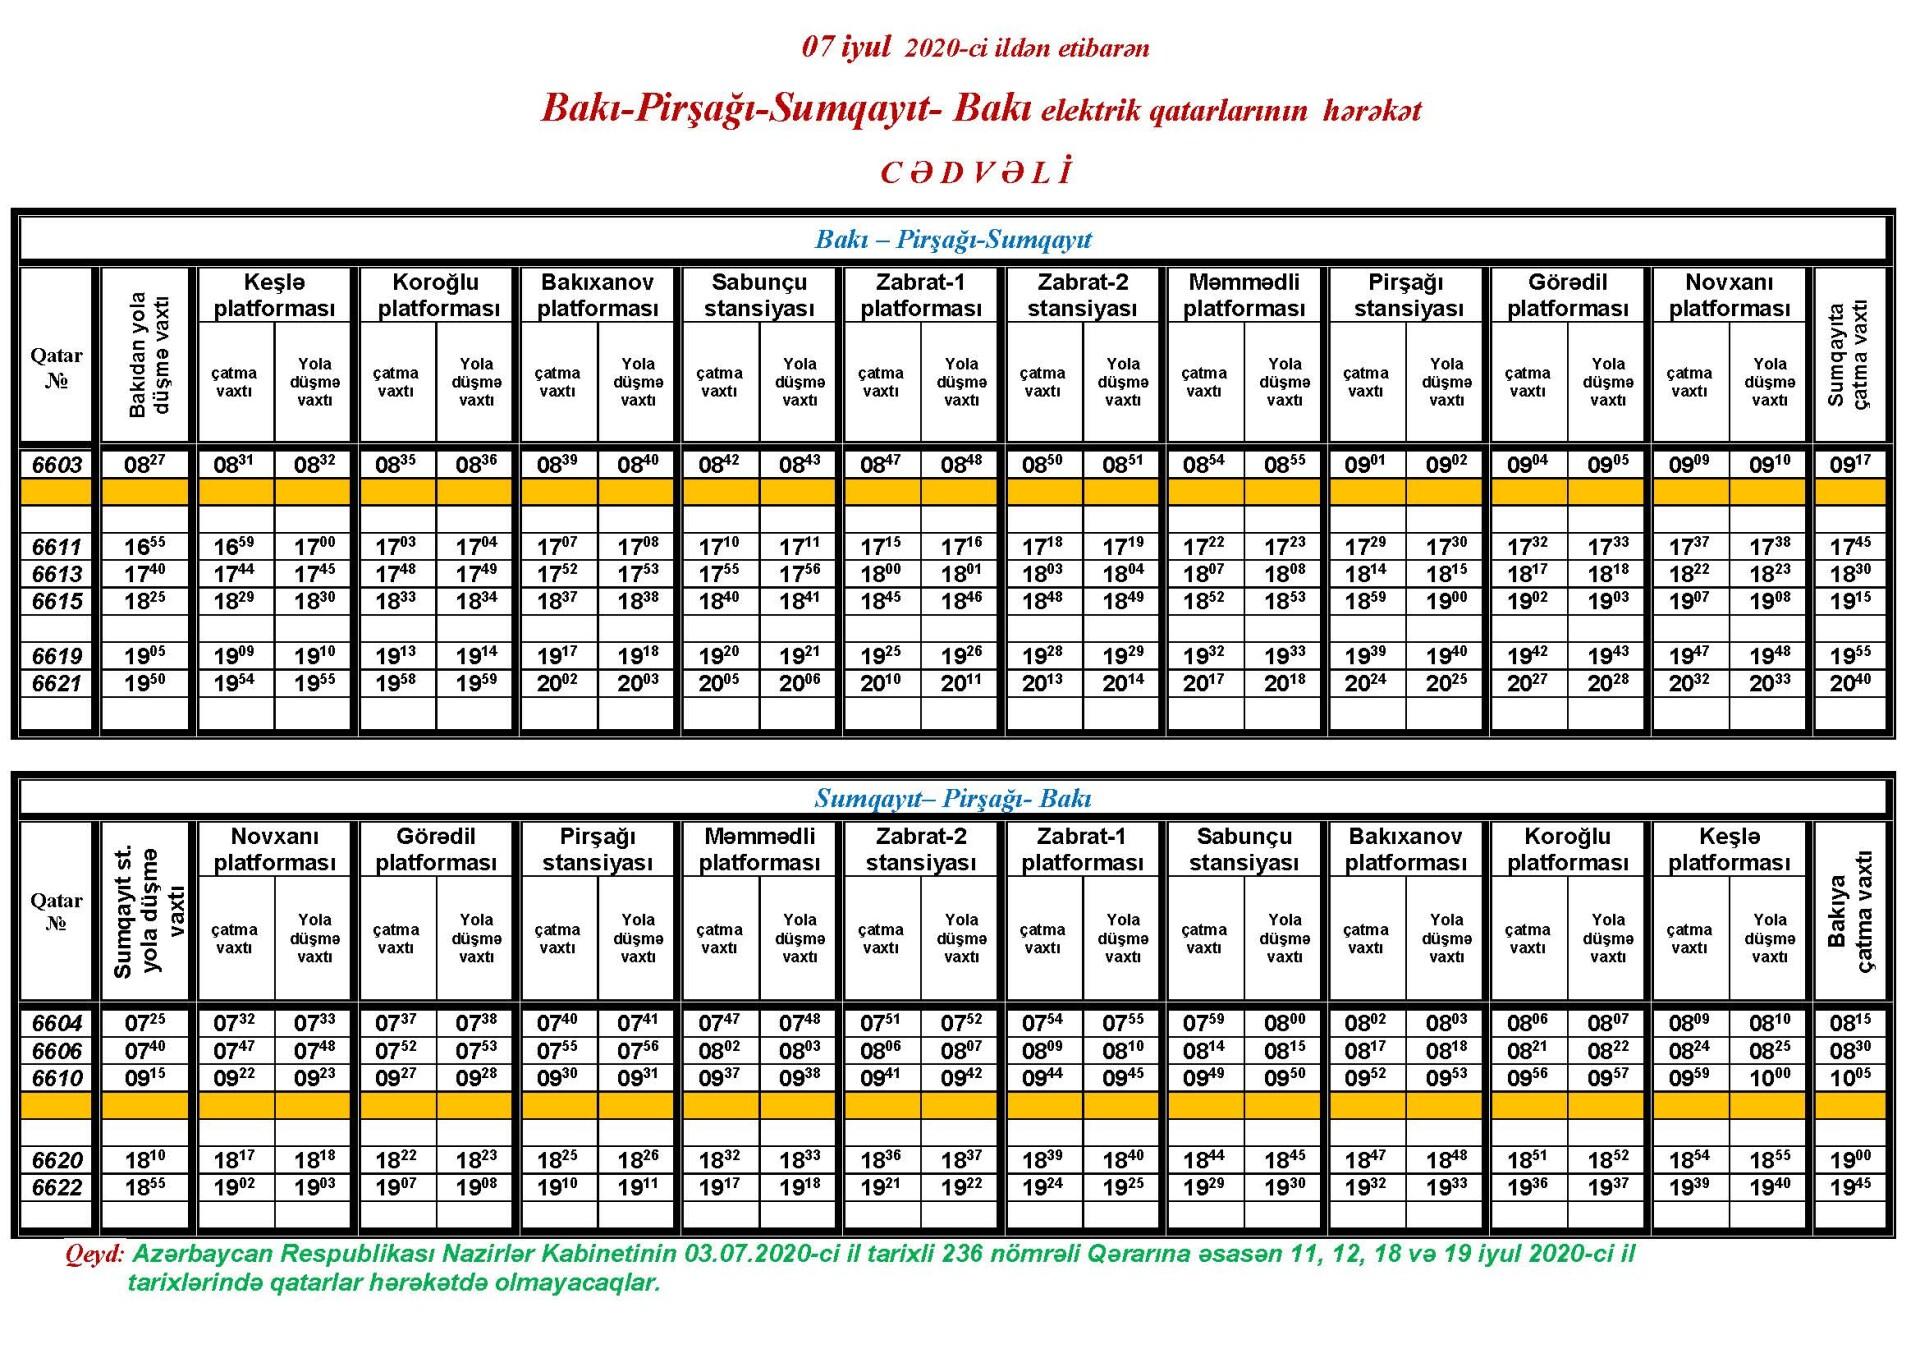 pages/582/pirsagi-xetti-a4-07072020-ilden-qrafik-sumqayit-002.jpg